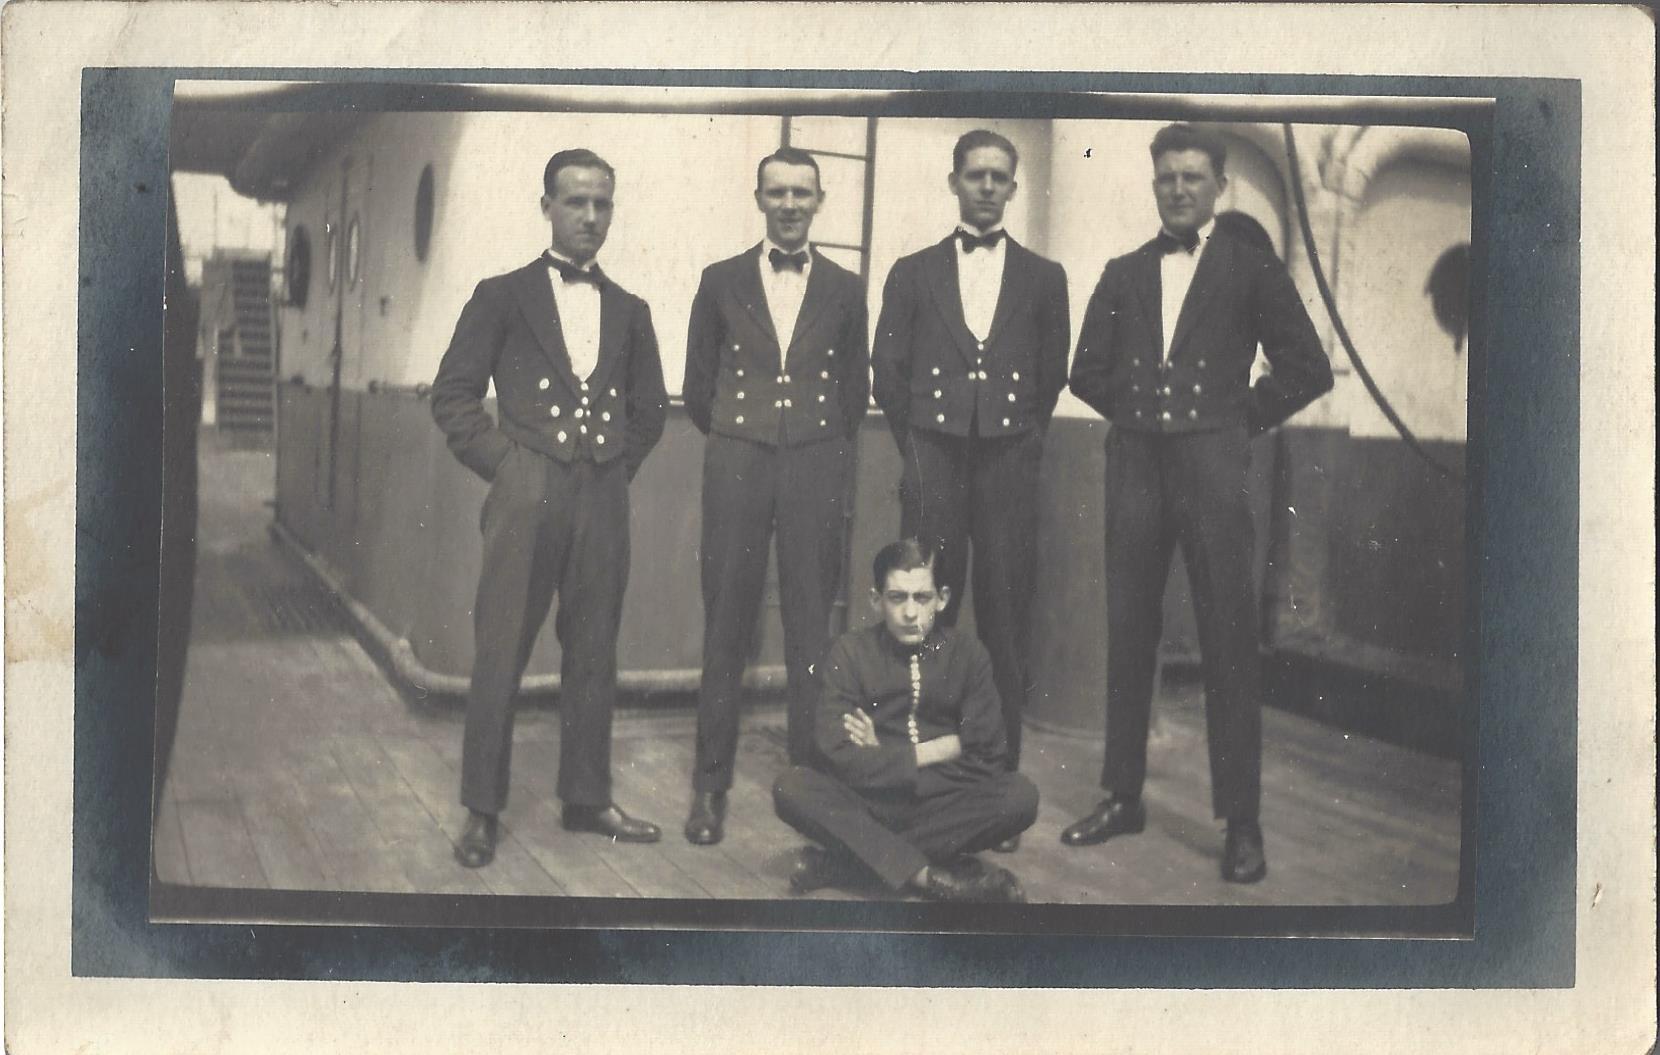 S.S. Euripides: Crew: Cabin Stewards